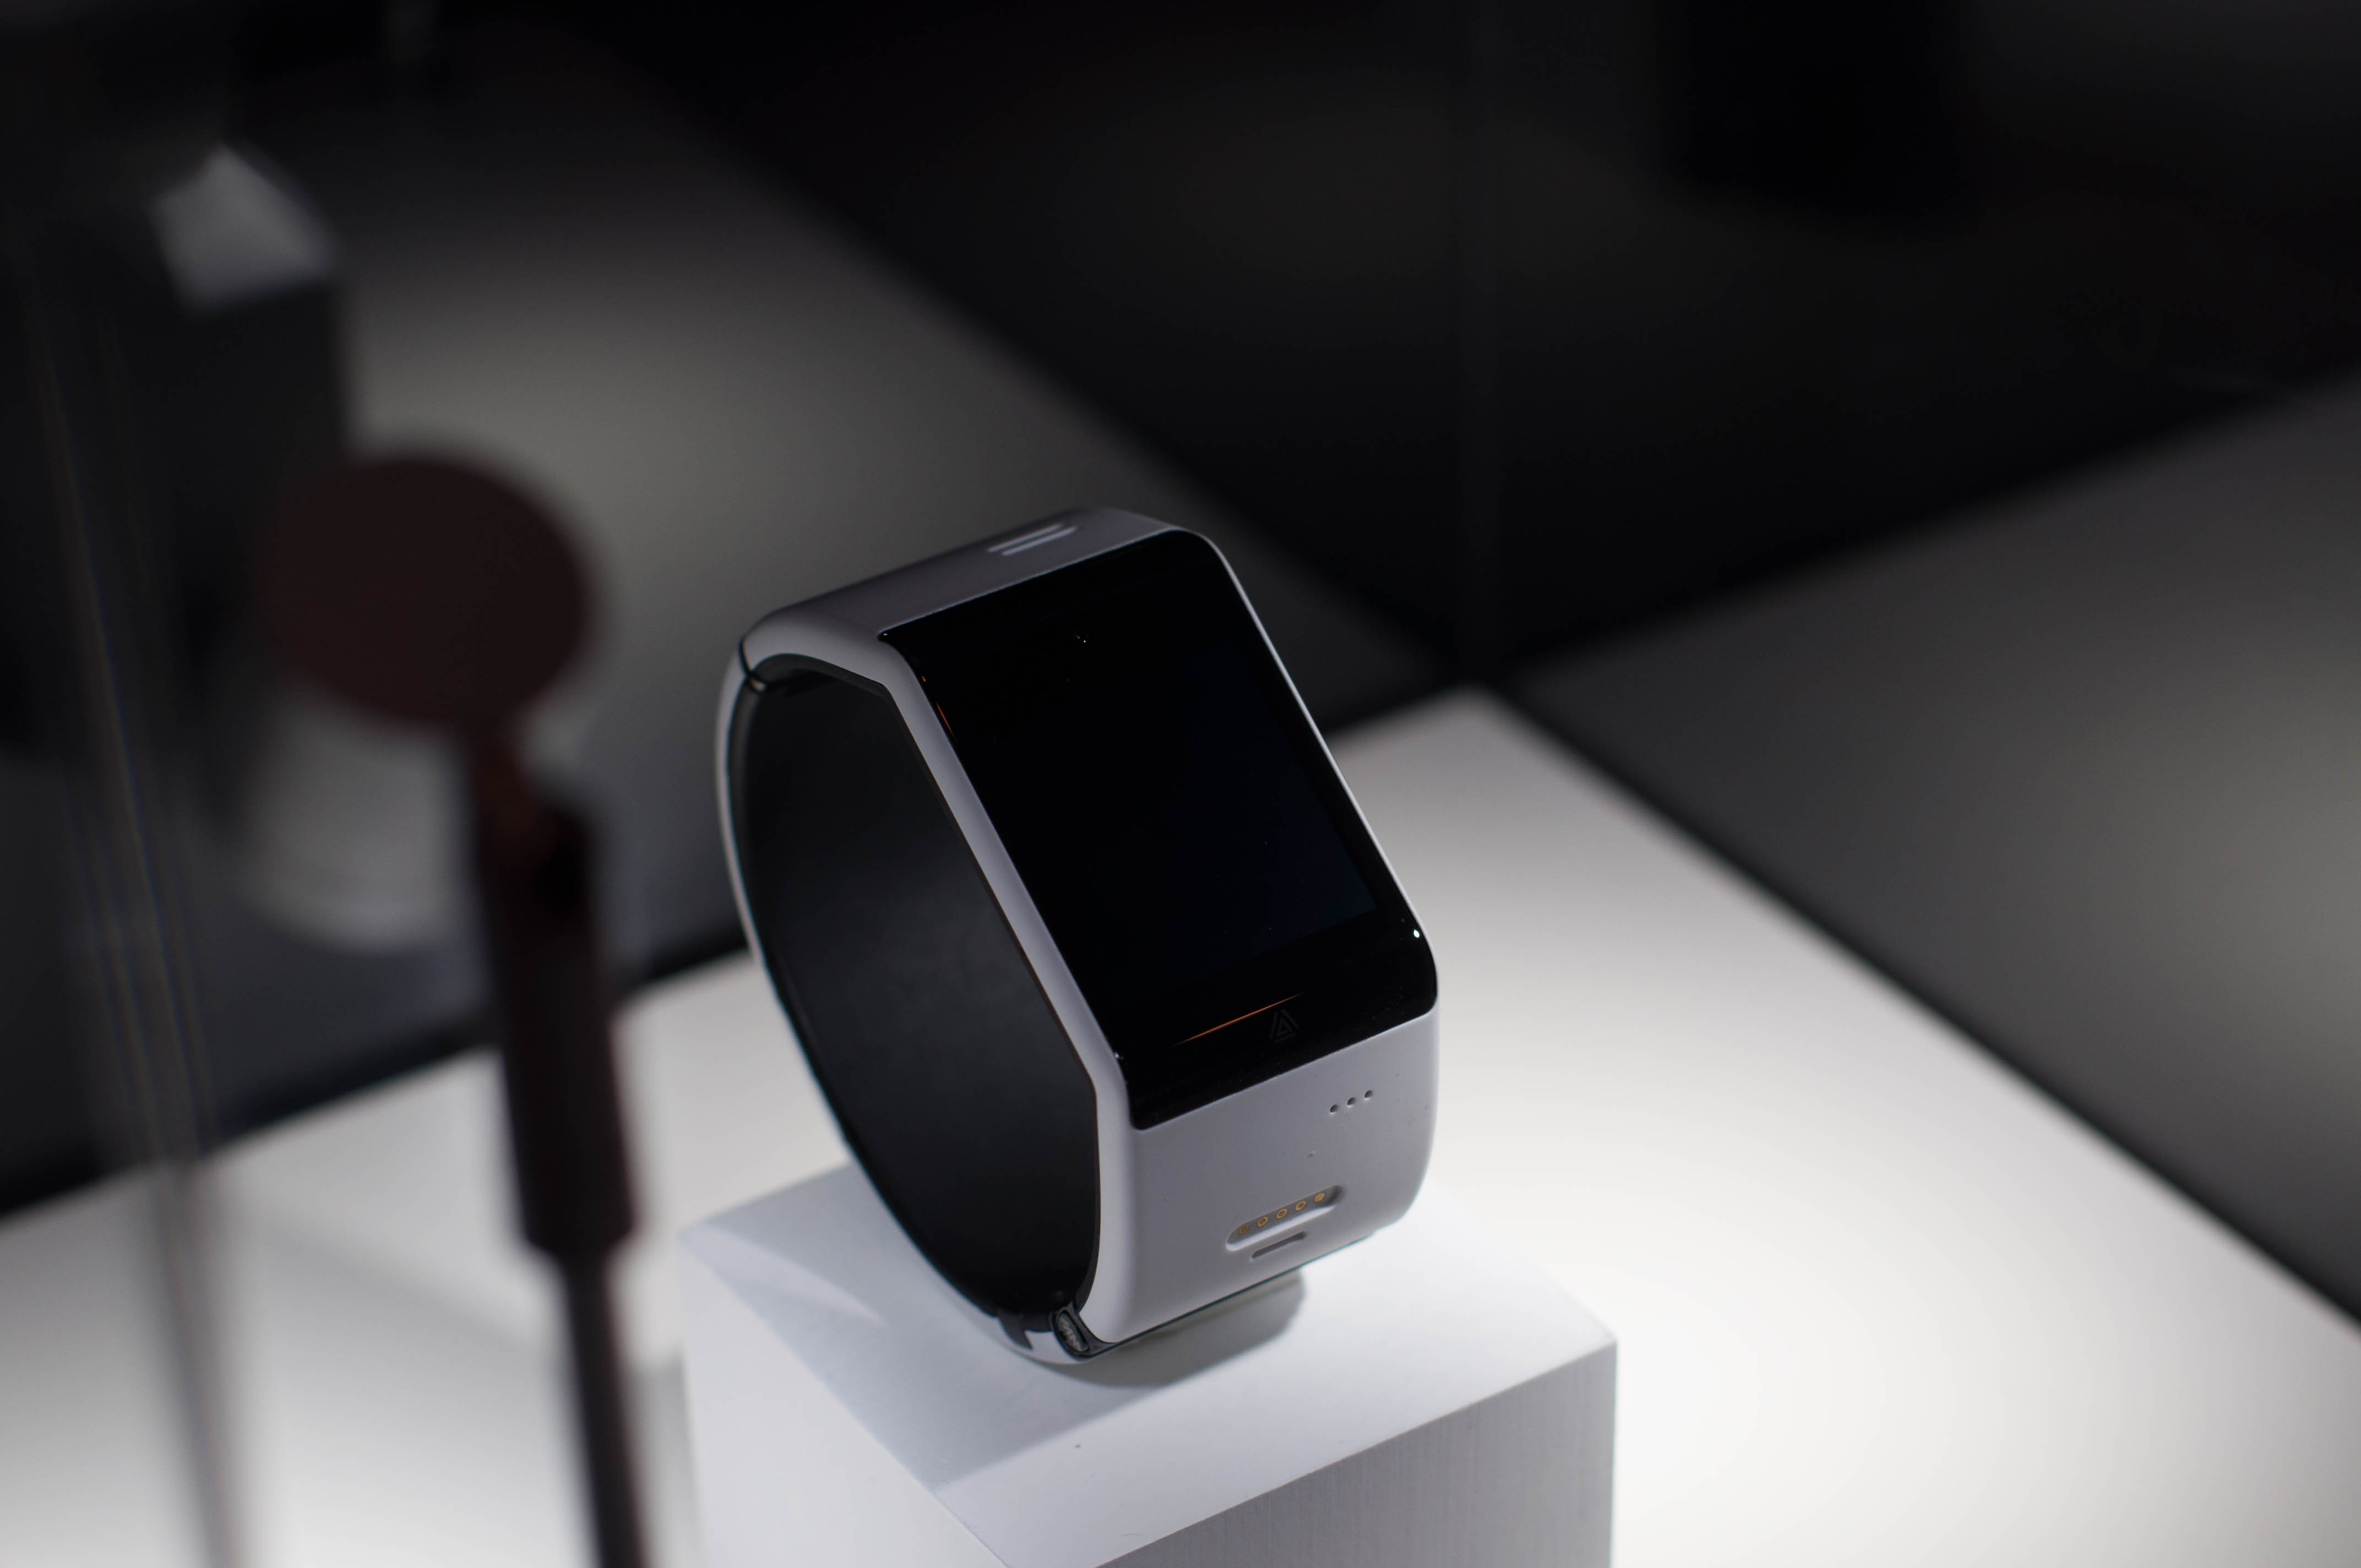 Dial mit Aneeda: Will.i.ams Smartwatch, die keine sein soll -